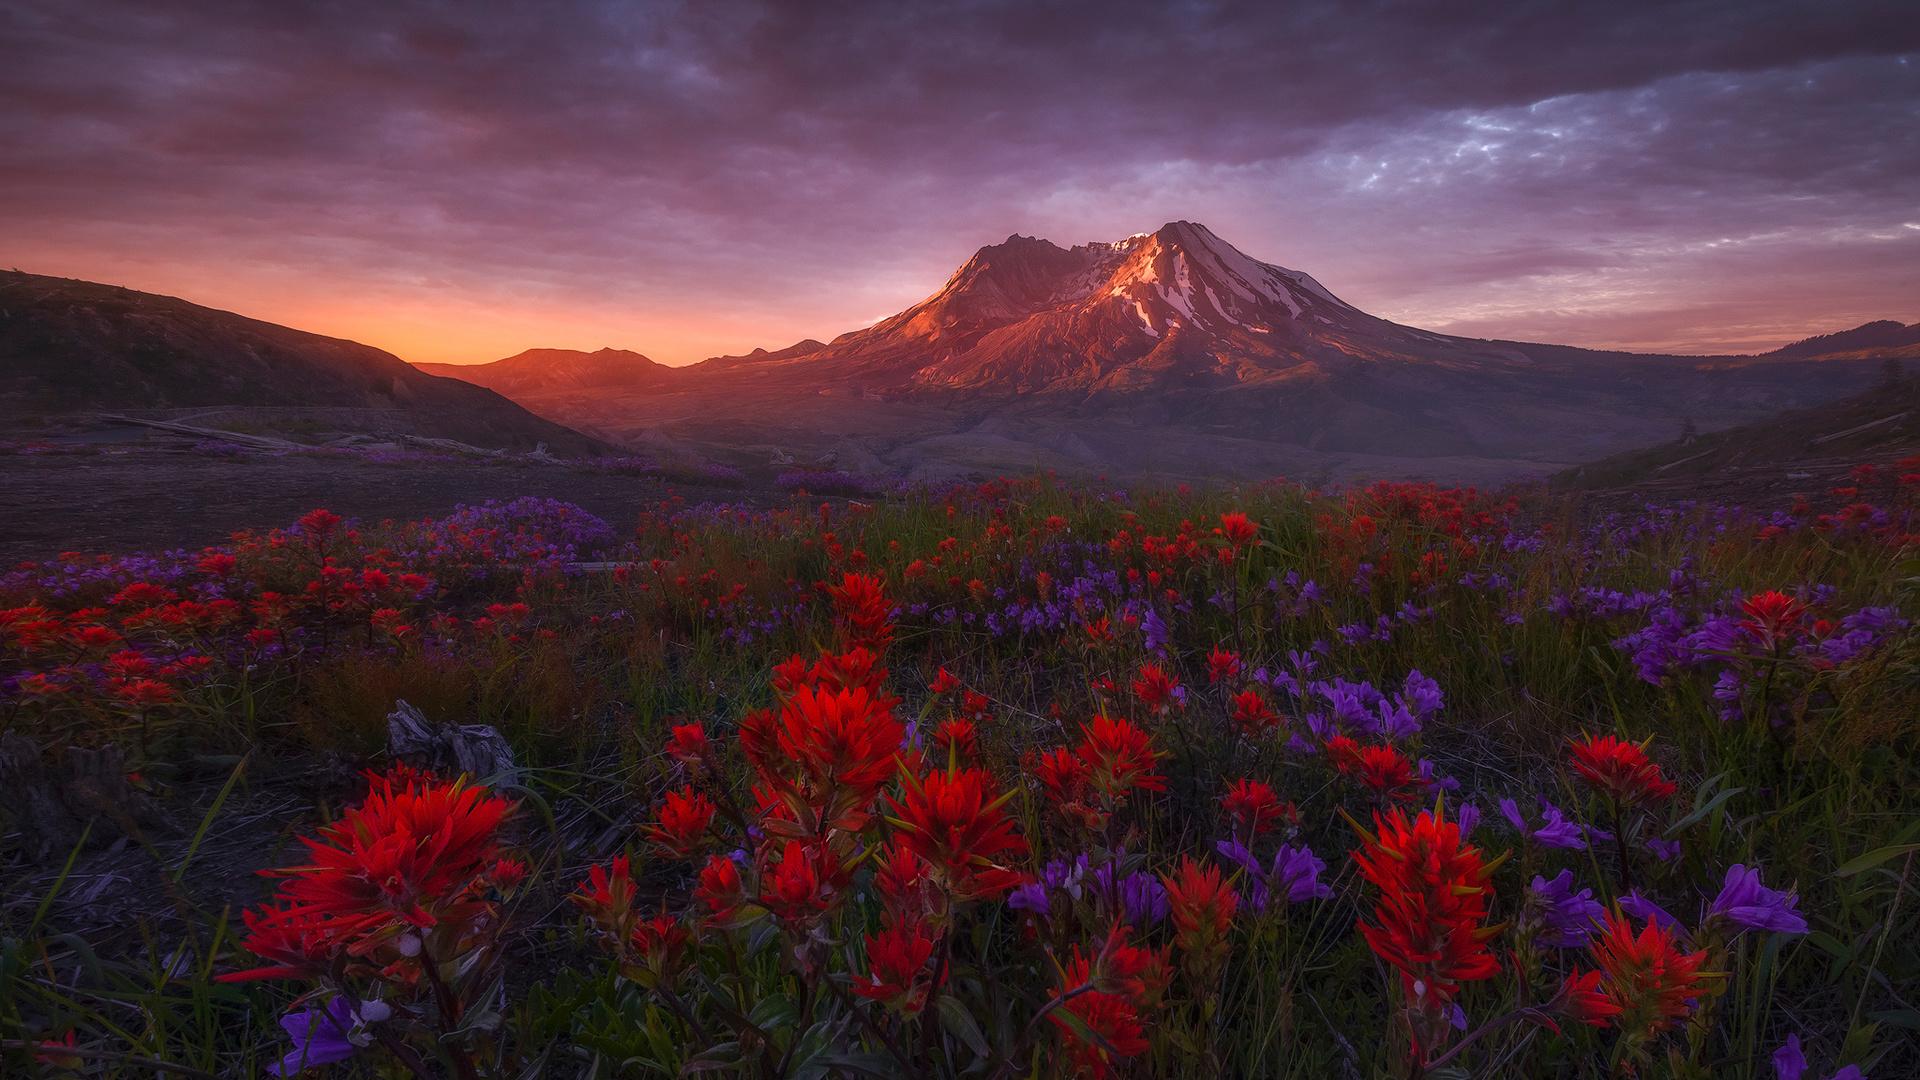 пейзаж, цветы, горы, природа, рассвет, вашингтон, сша, луга